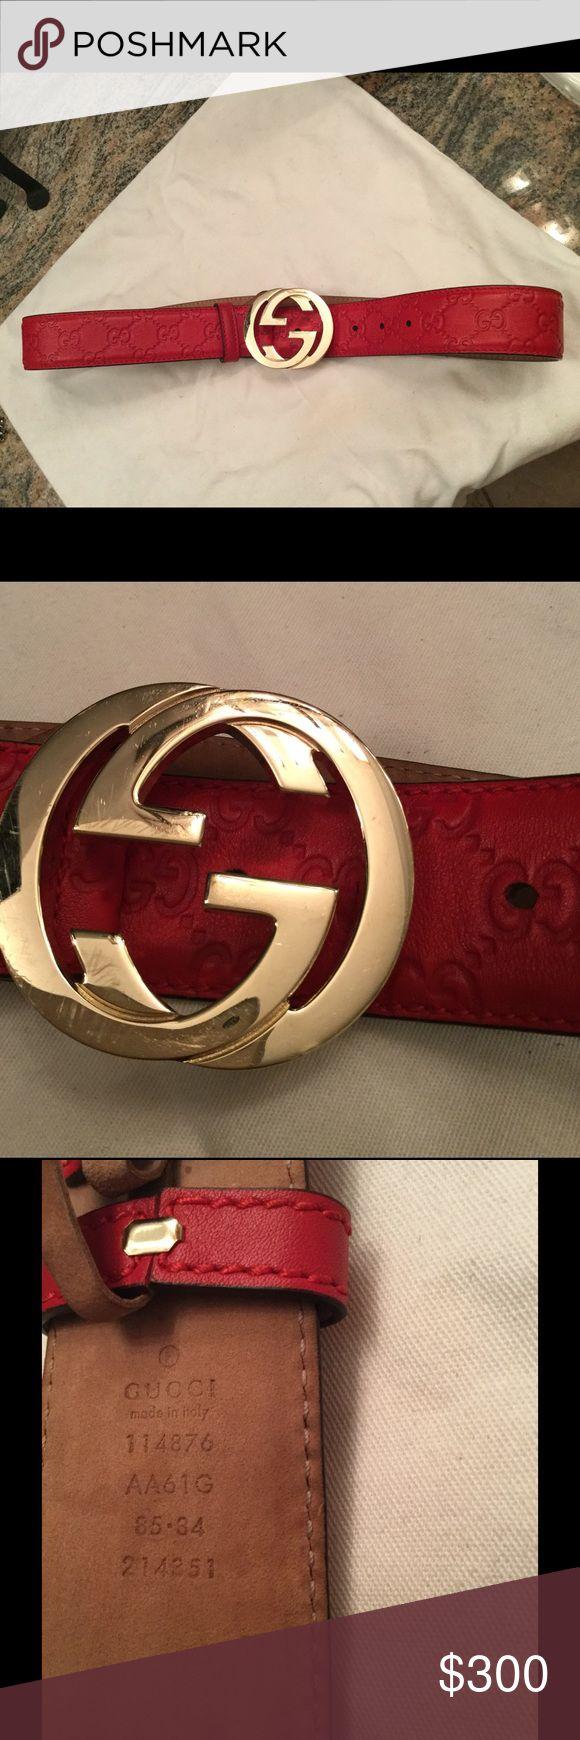 Mens Louis Vuitton Belt | Red Gucci Belt | Gucci Belt All Red